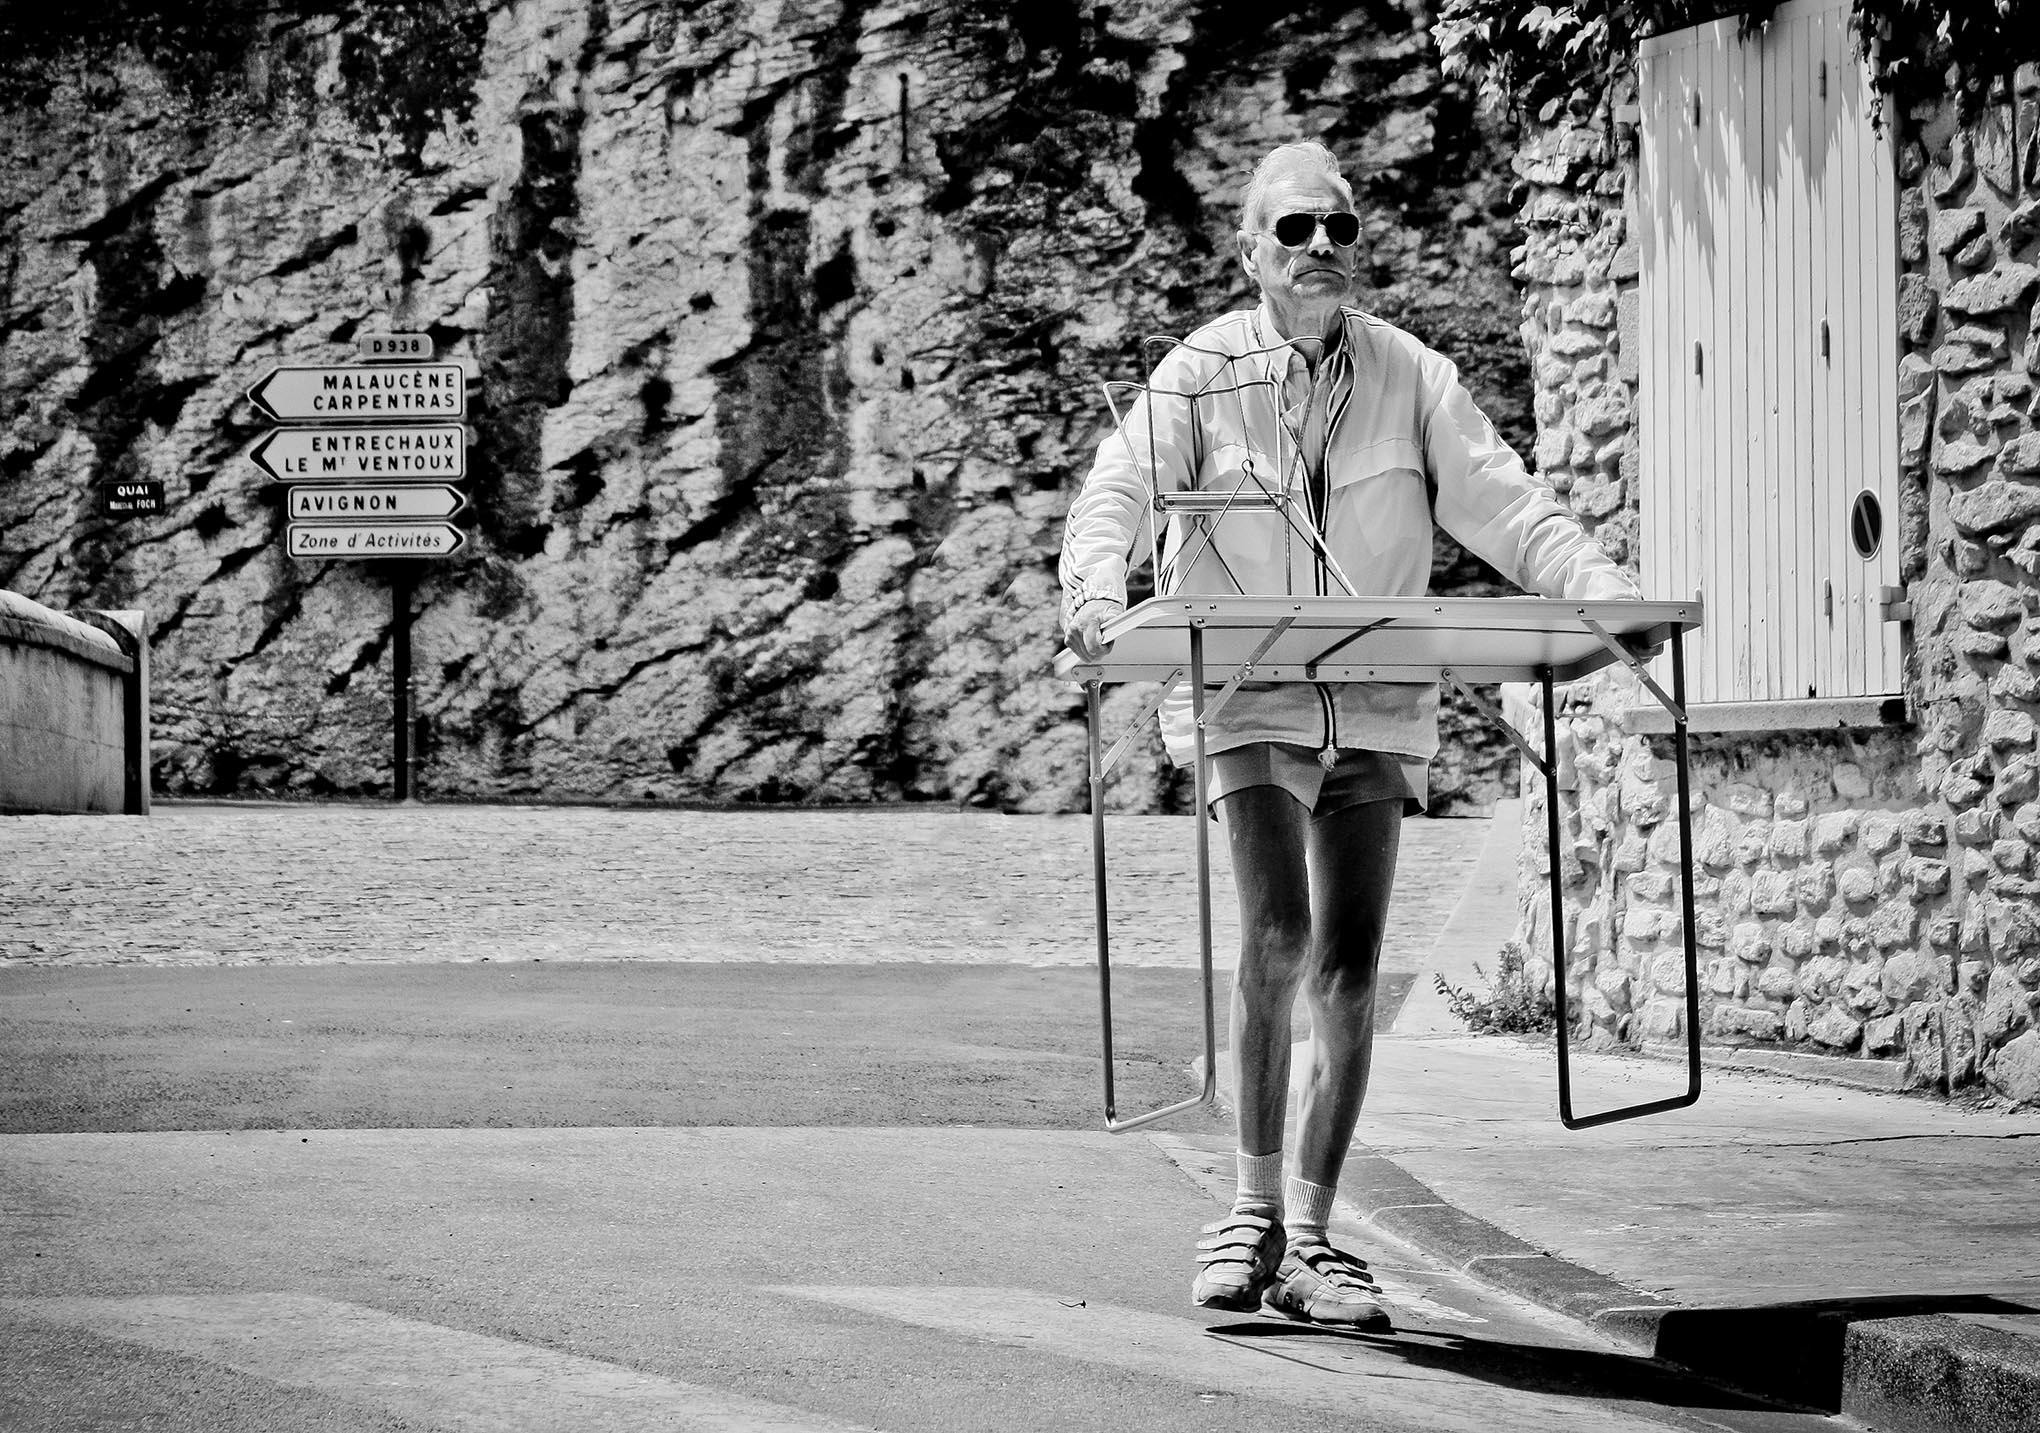 Een oudere man met korte broek en een zonnebril aan kraagt een tafel over straat in het zuiden van Frankrijk.